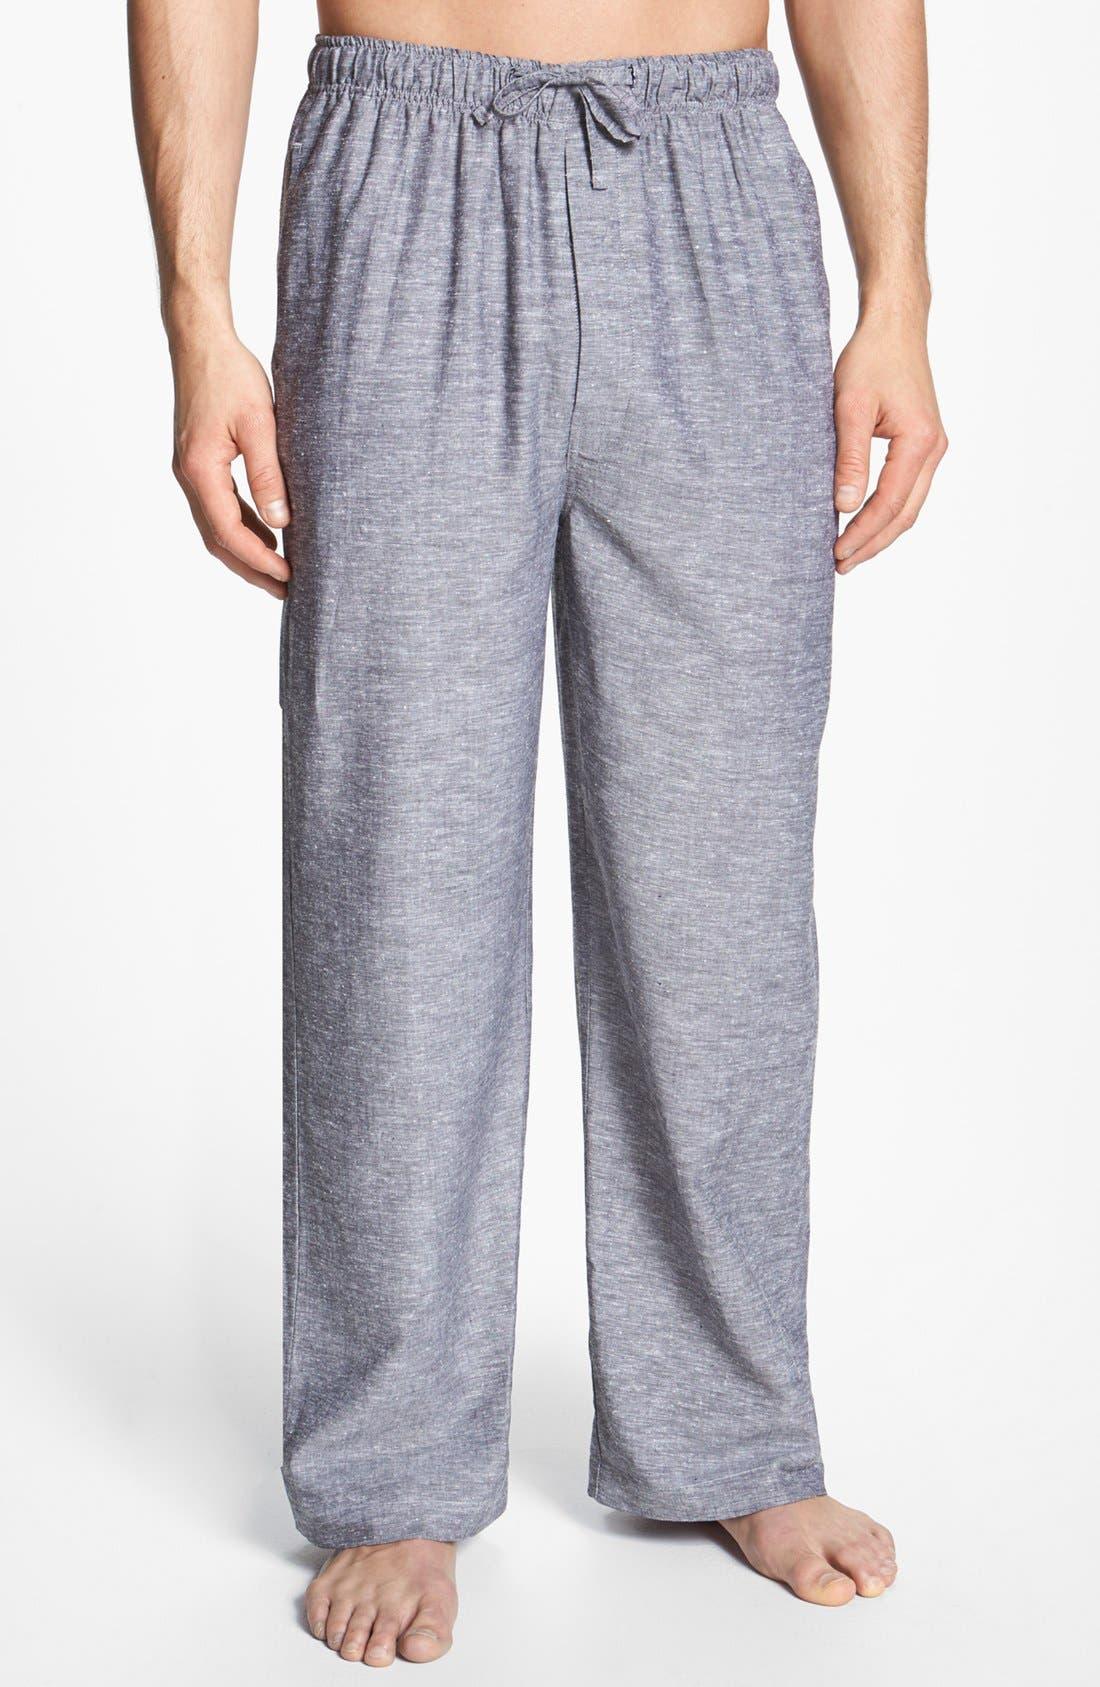 Main Image - Majestic International 'La Jolla' Lounge Pants